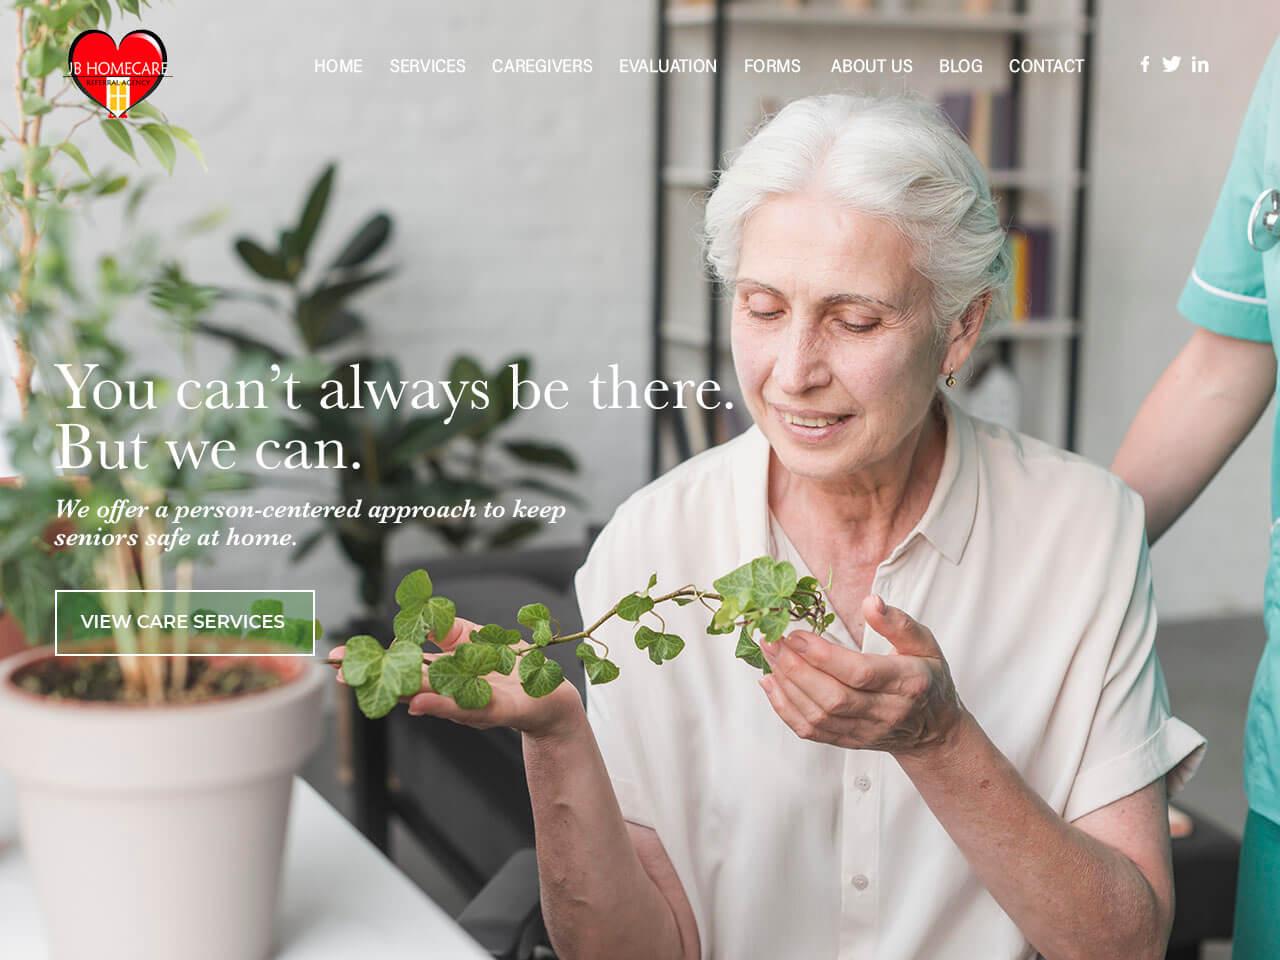 Home Care Website Design | Envisager Studio